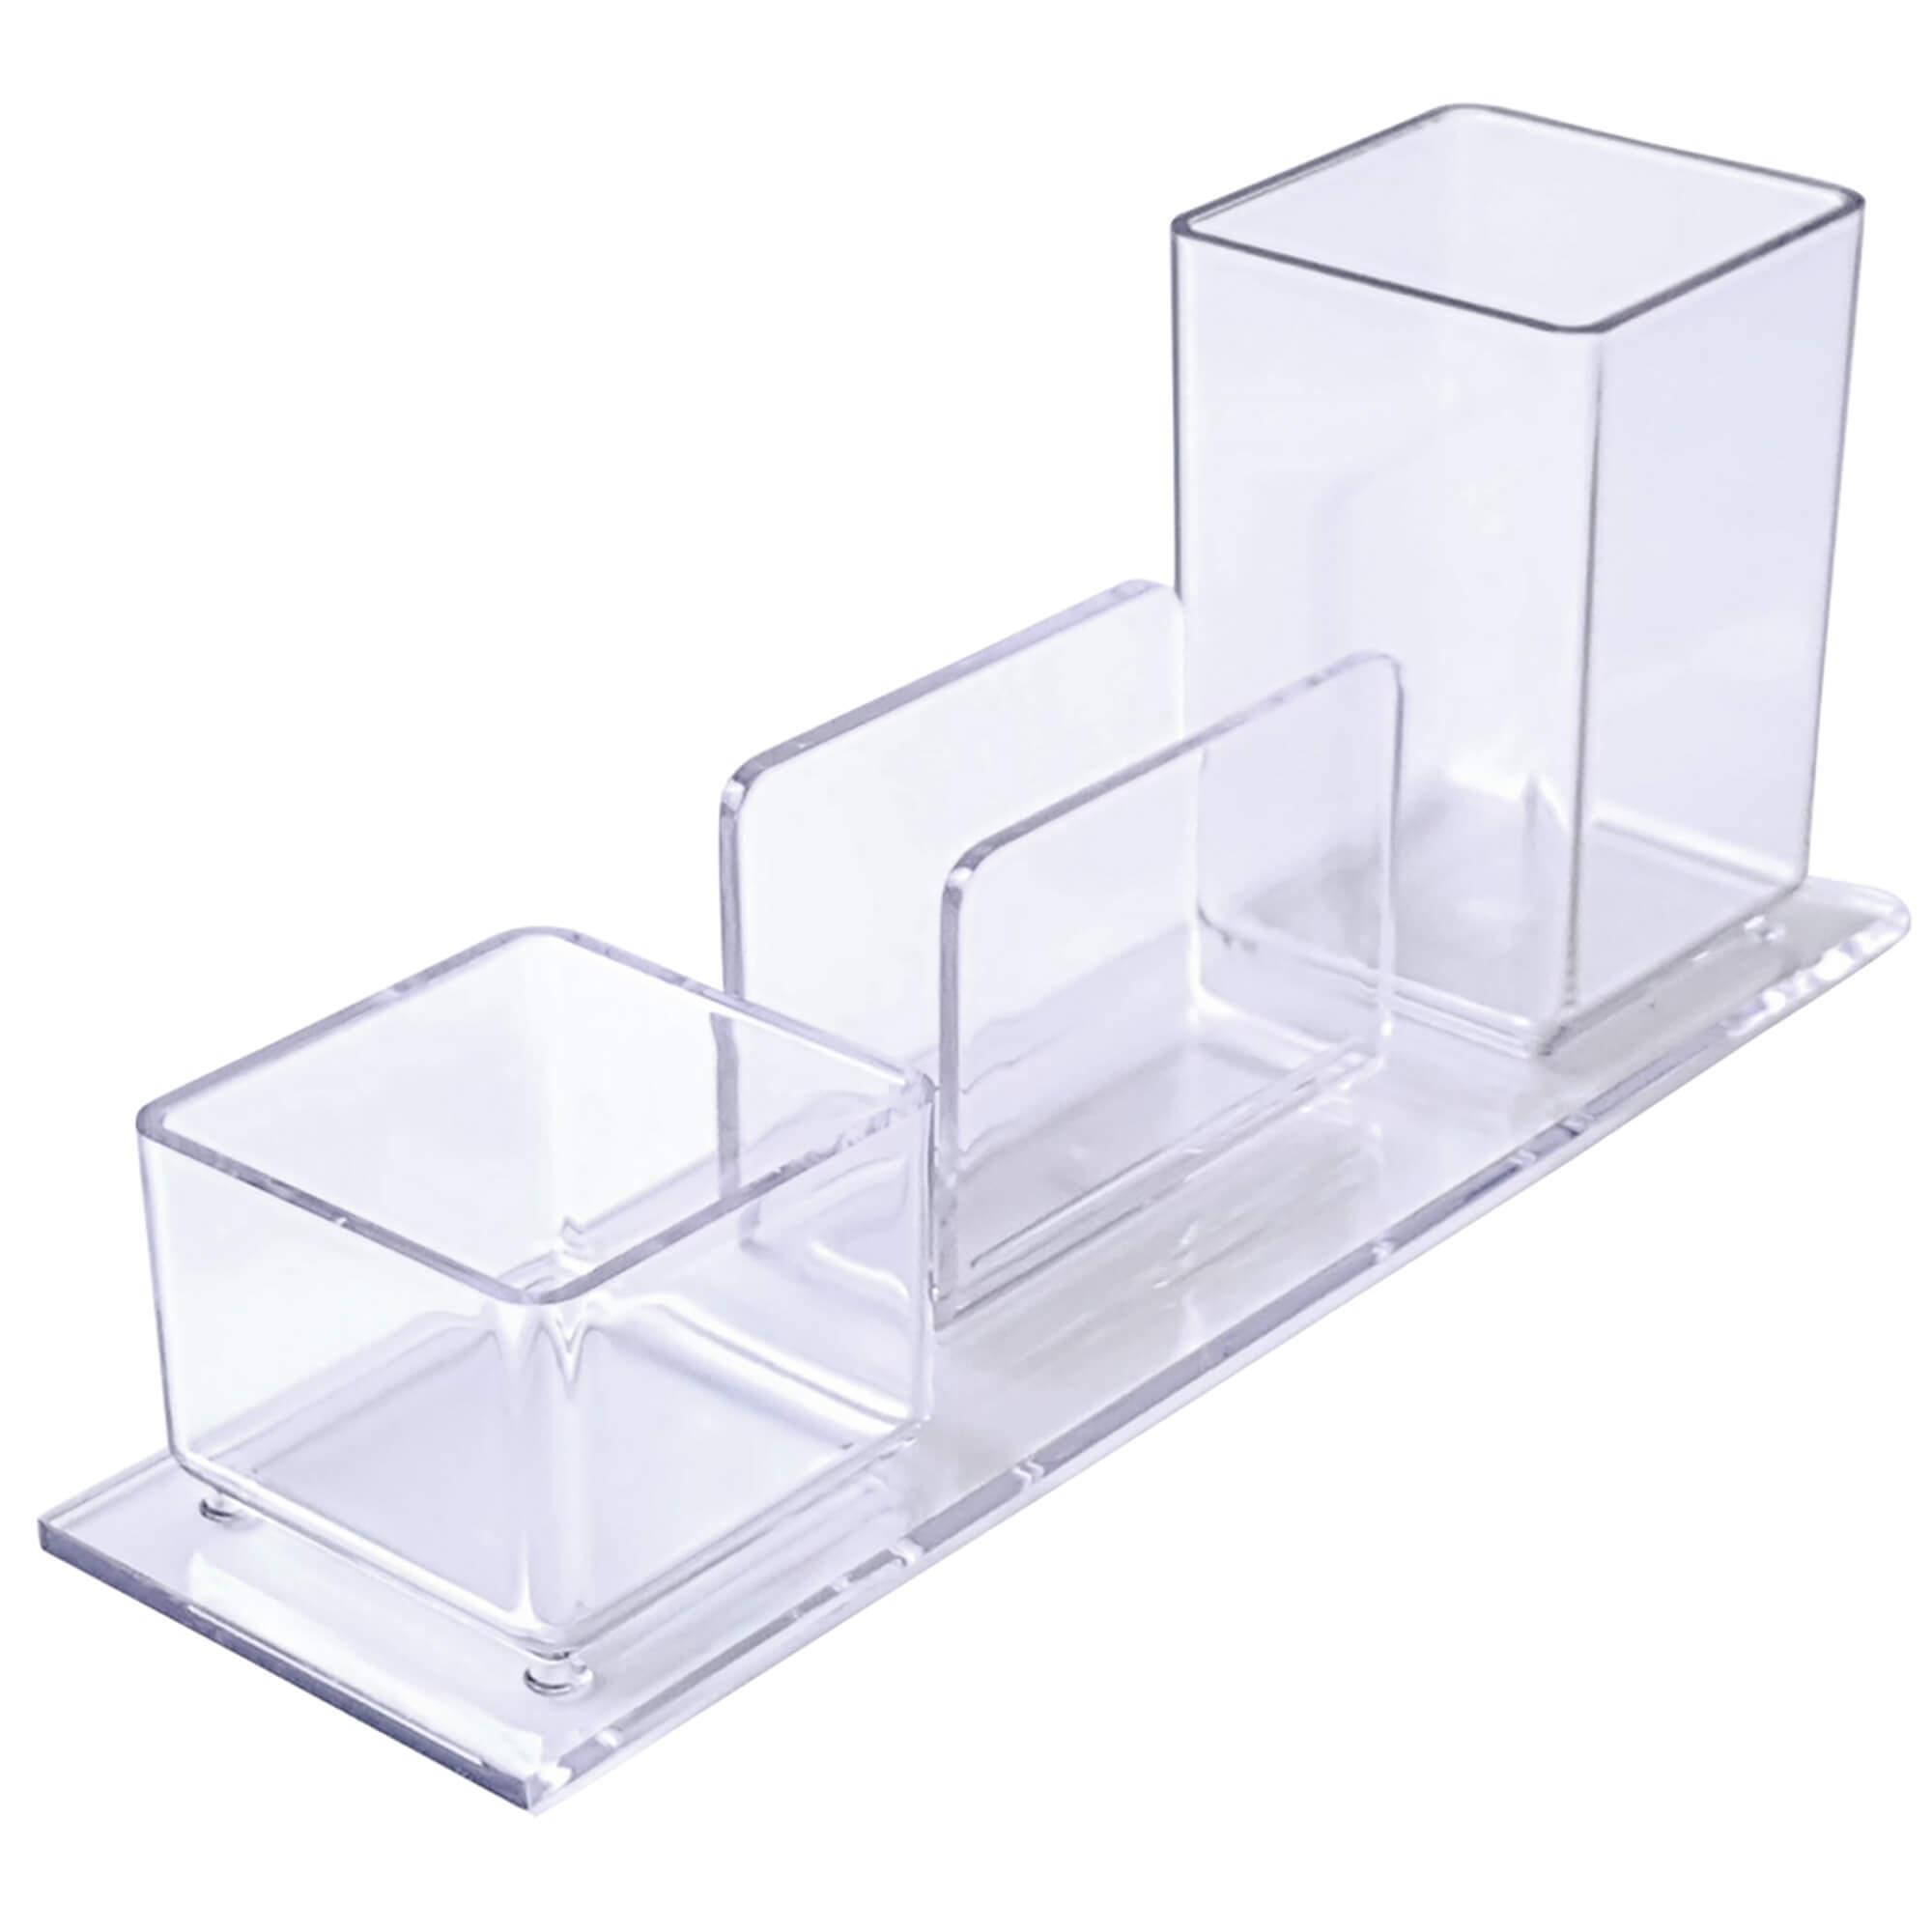 Porta lapis/clips/lembrete Poliestireno Cristal 940.3 CX 1 UN - Acrimet